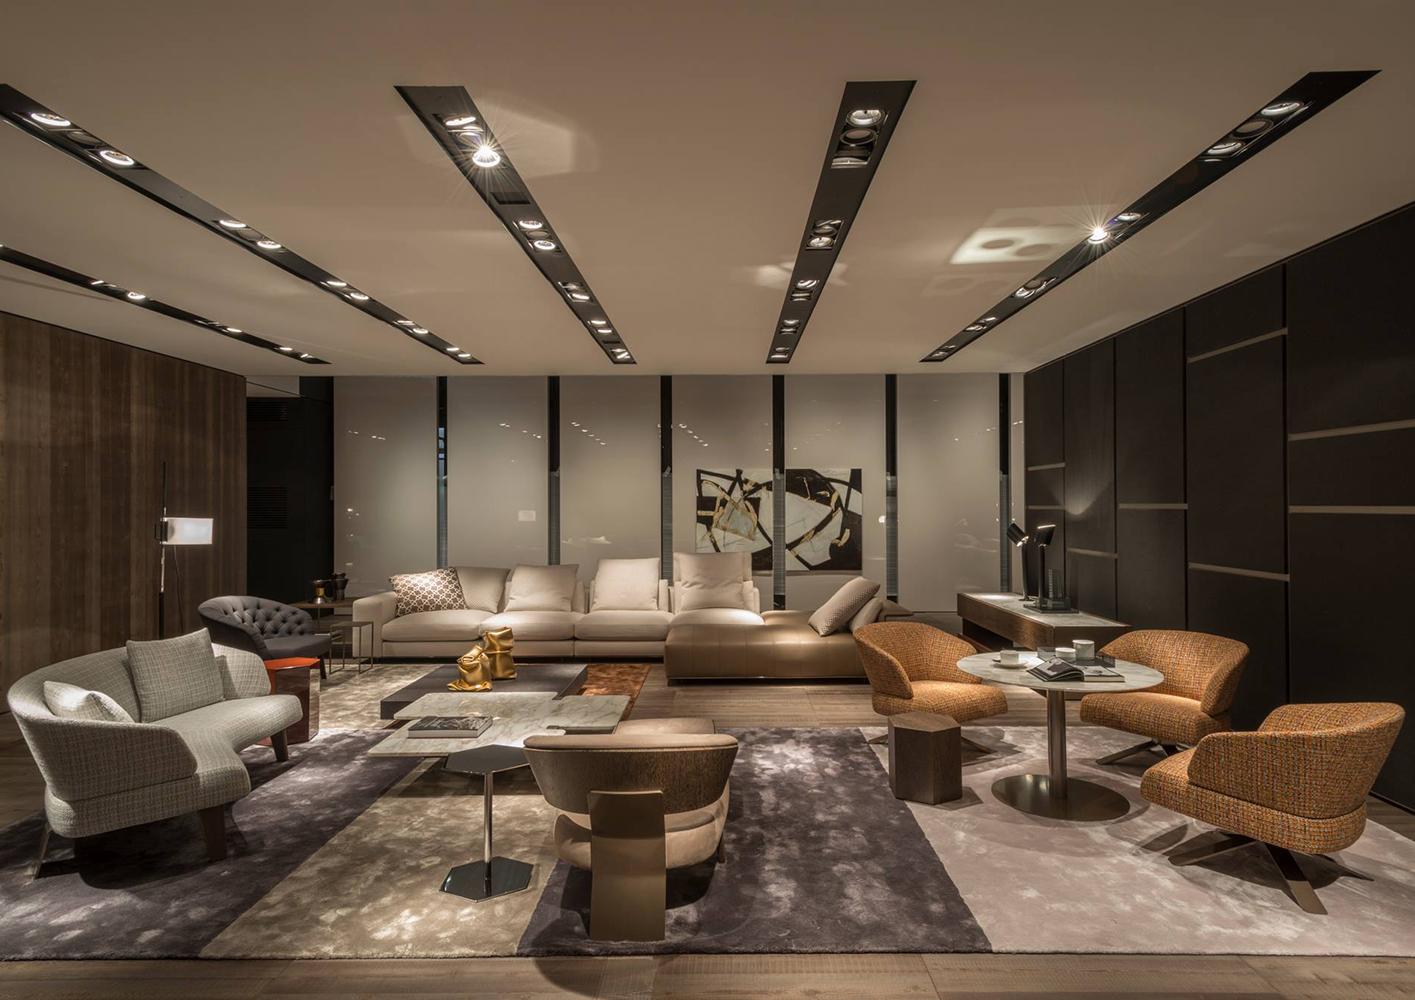 Minotti-salone-del-mobile-2016